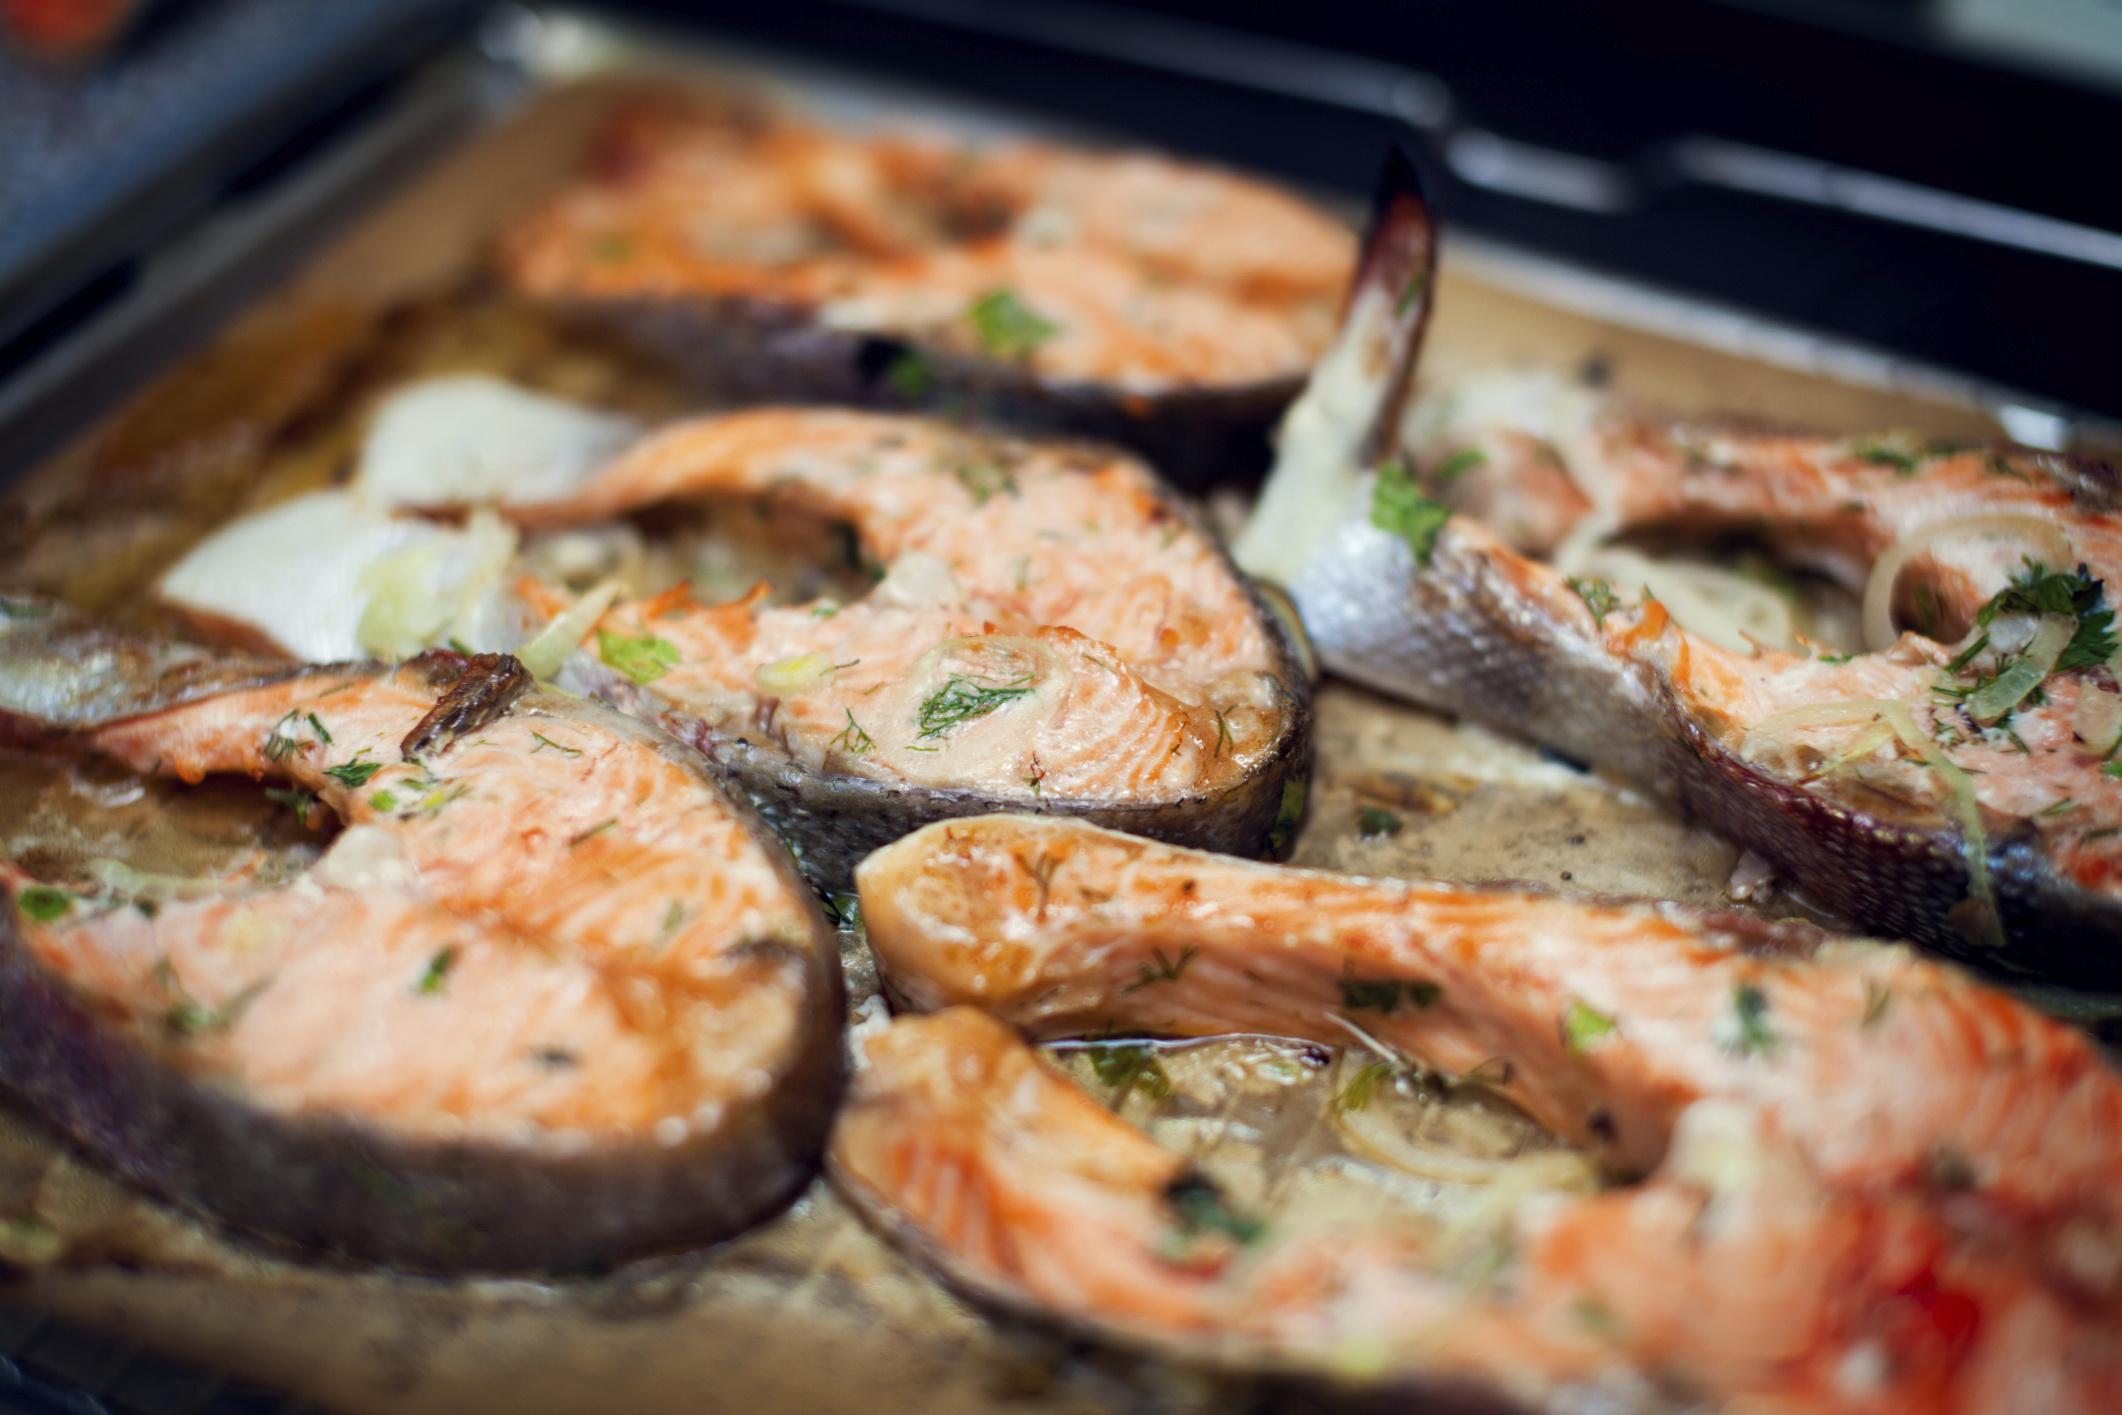 Благодаря приготовлению в духовке в рыбе и других продуктах, с которыми готовится рыба (например, овощах), сохраняются все ценные свойства.